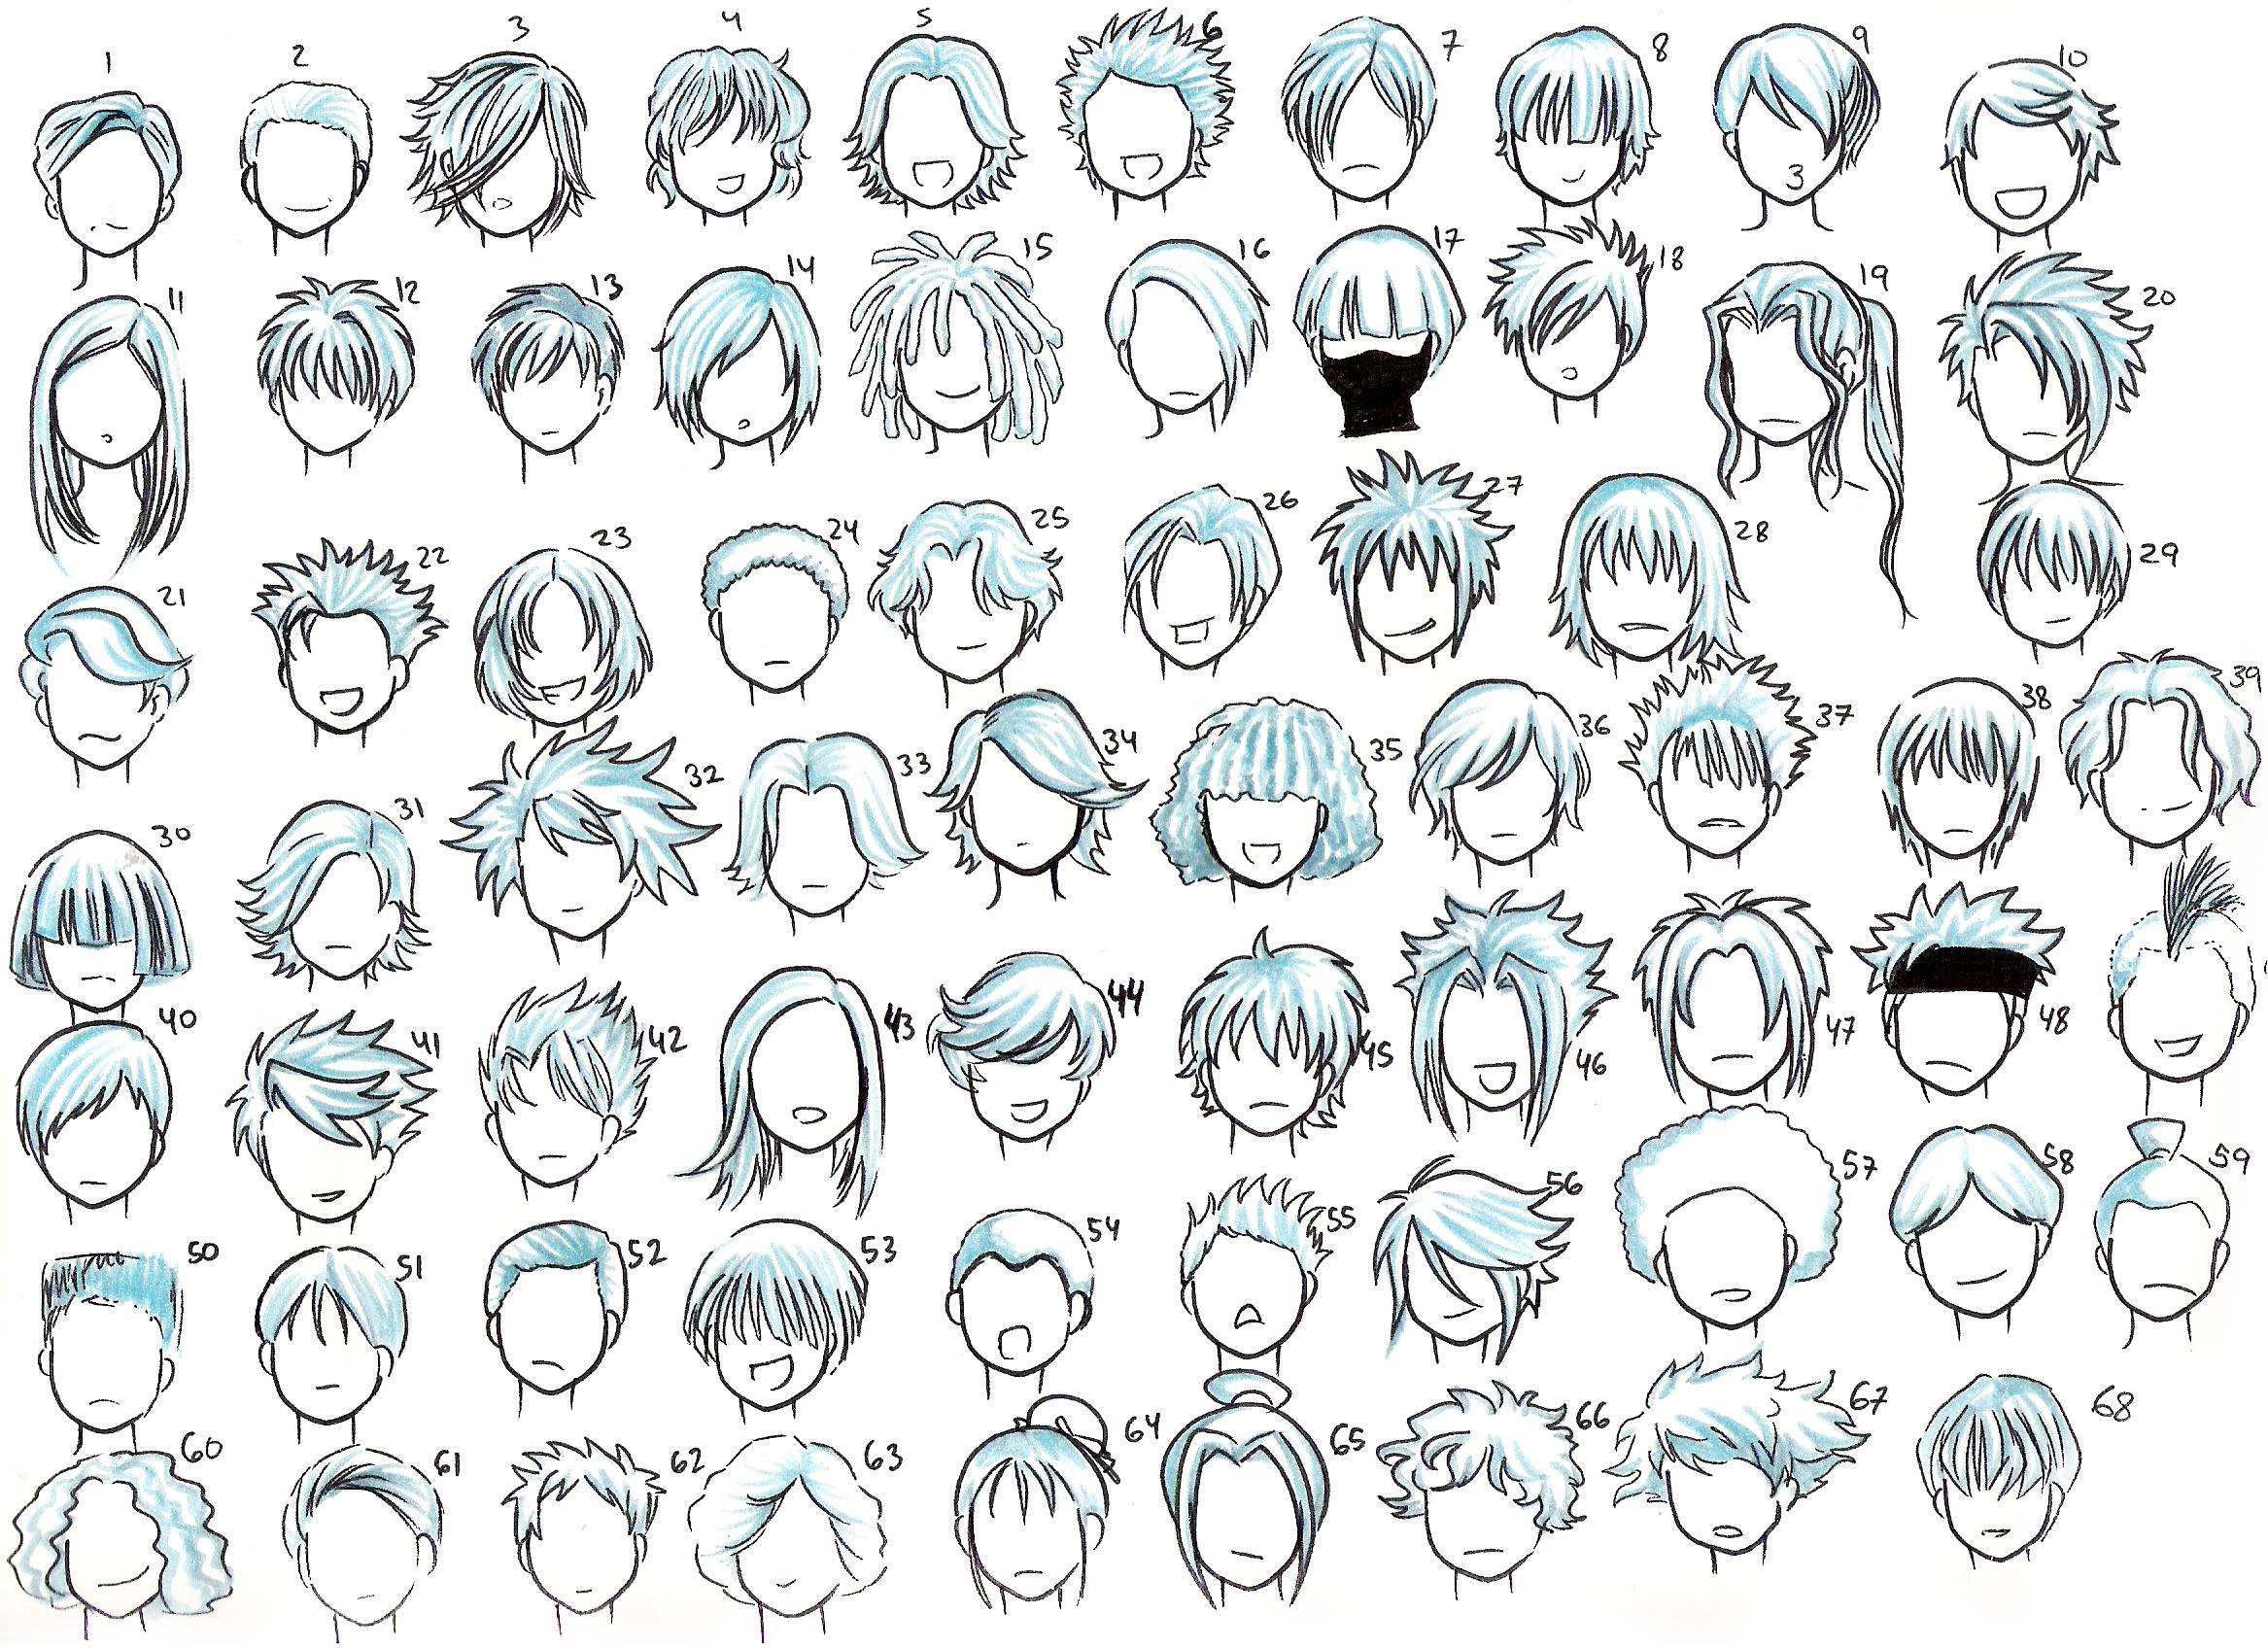 Boy Hair | Comic Zeichnen Lernen, Frisuren Zeichnen verwandt mit Comic Zeichnen Lernen